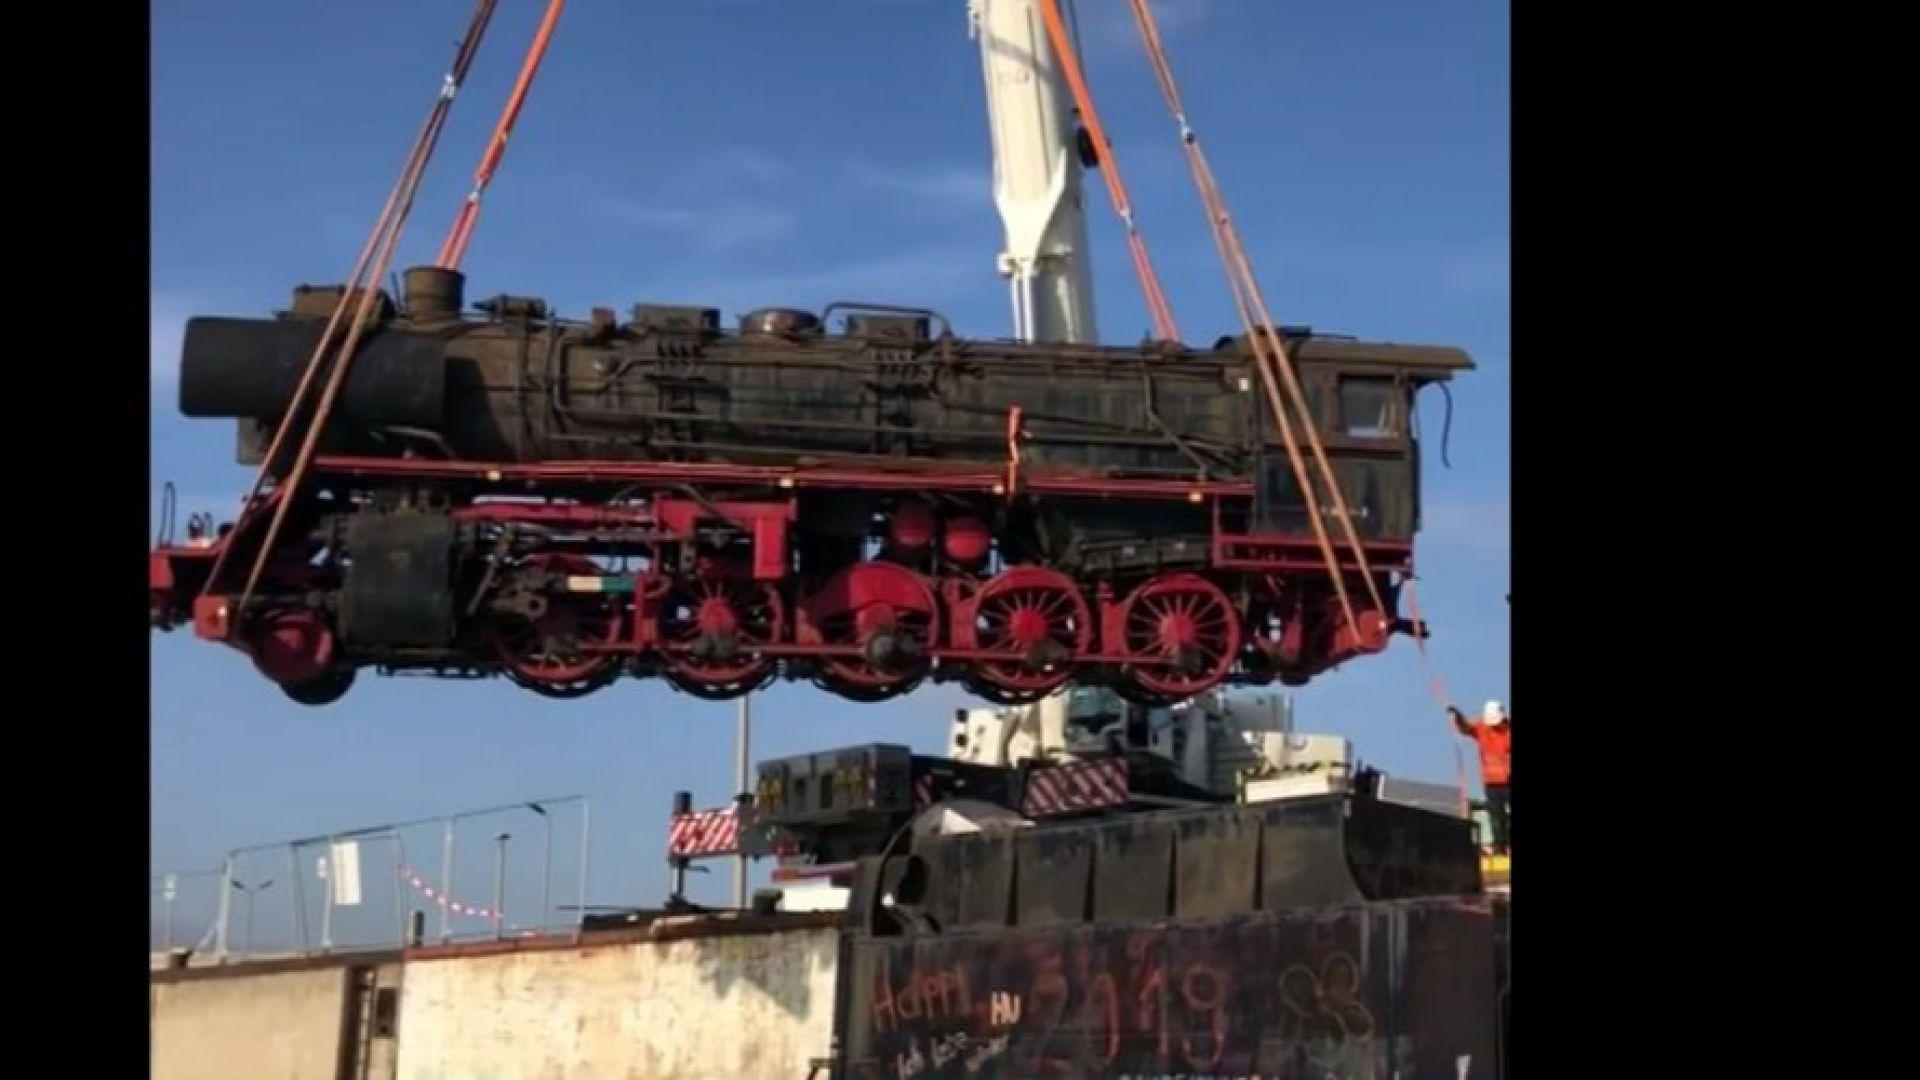 Уникален локомотив от Втората световна война пристигна у нас (видео)